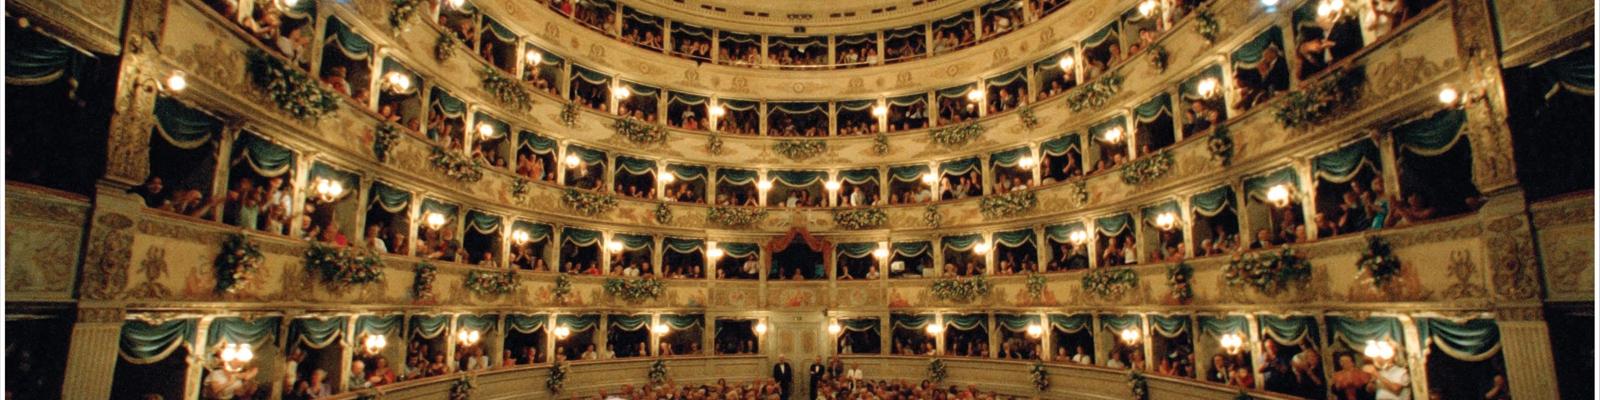 teatroalighieri_top